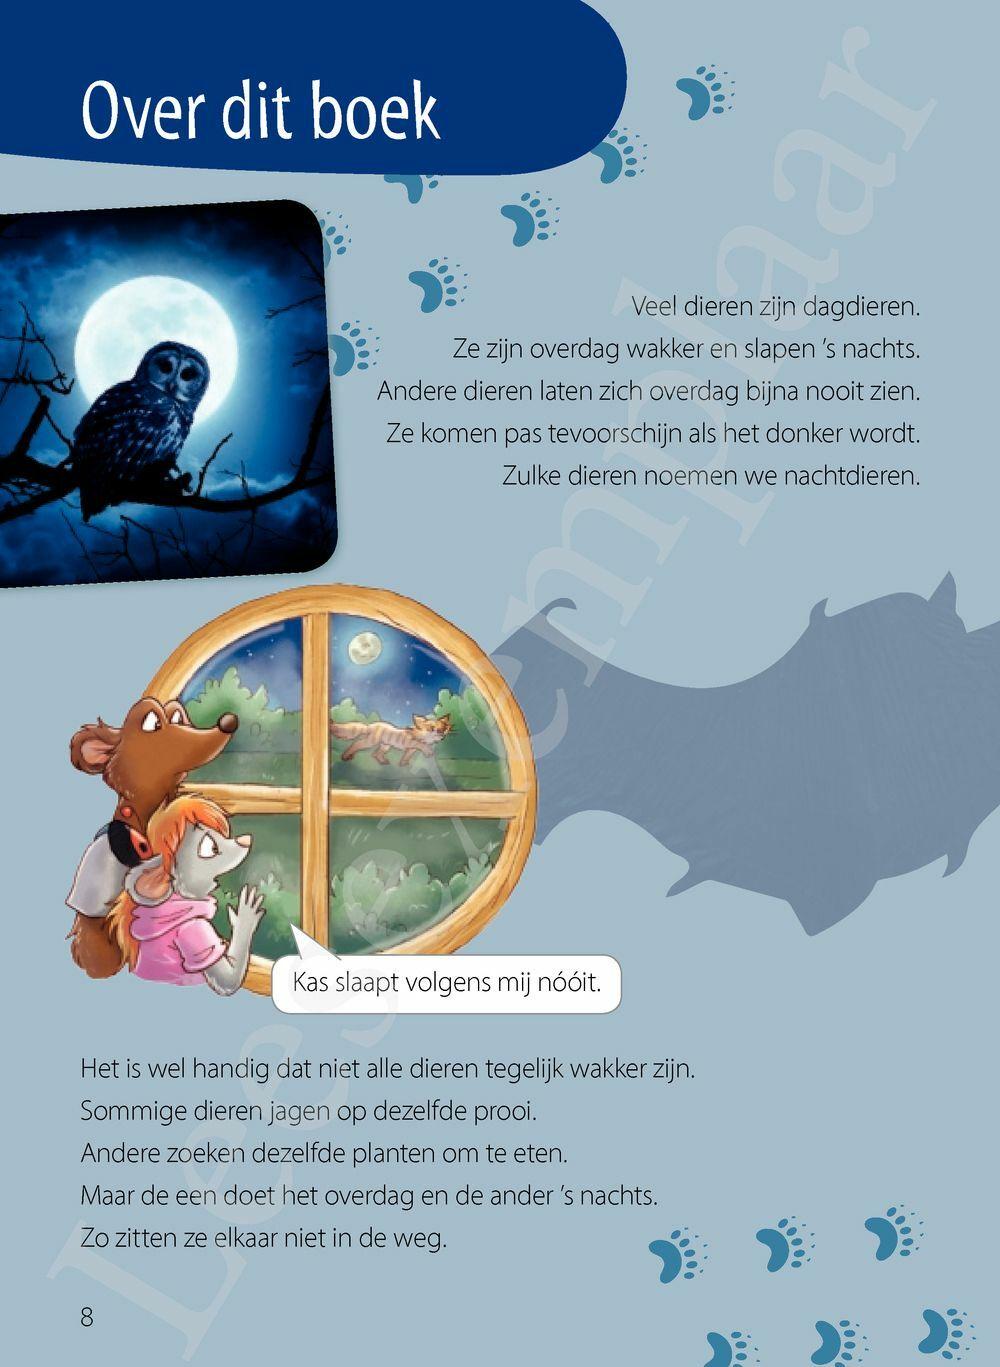 Preview: Dag of nacht? Ik lees slim - weetjes over dieren